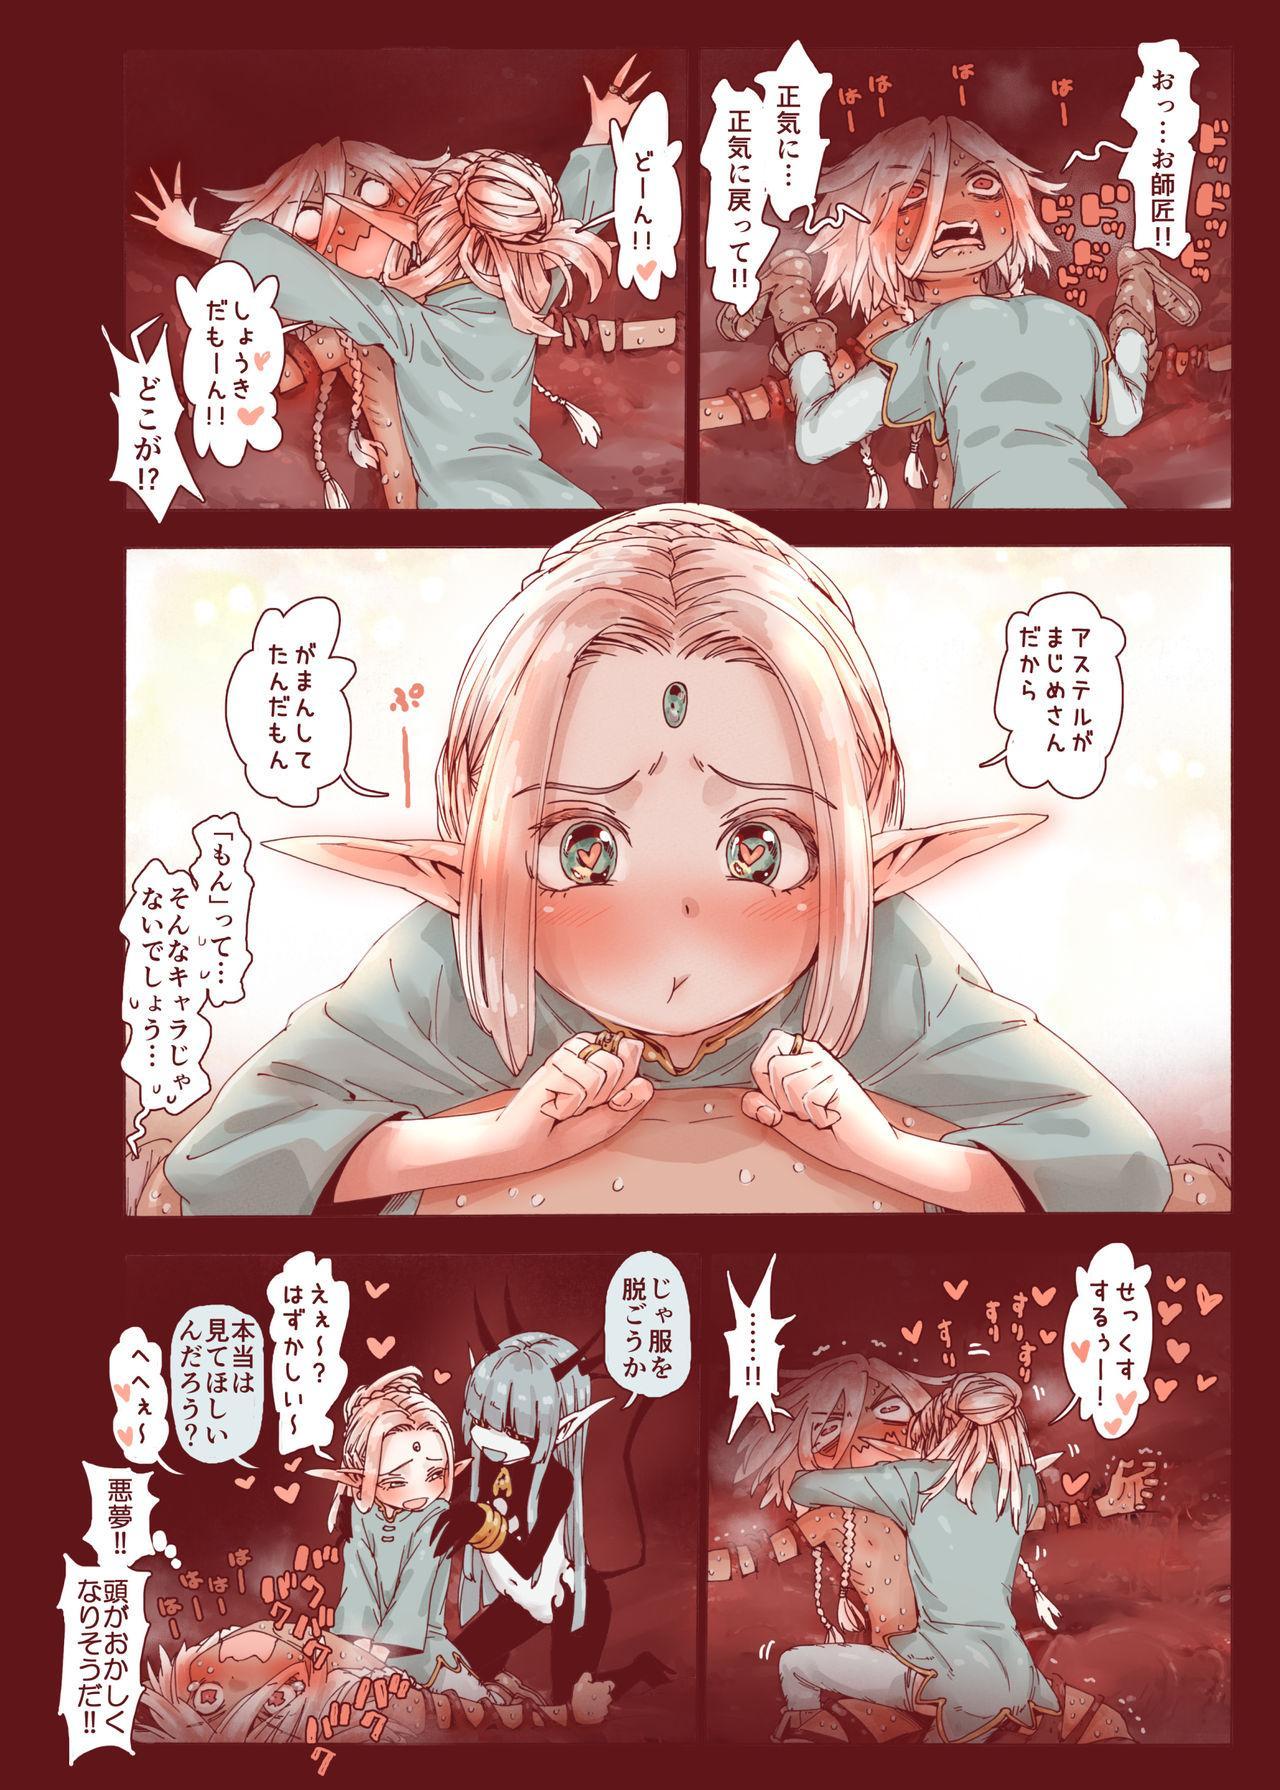 Daraku no Majo ~Shounen Yuusha to Tsurupeta Elf wa Ika ni Shite Majo ni Yabureta ka 43